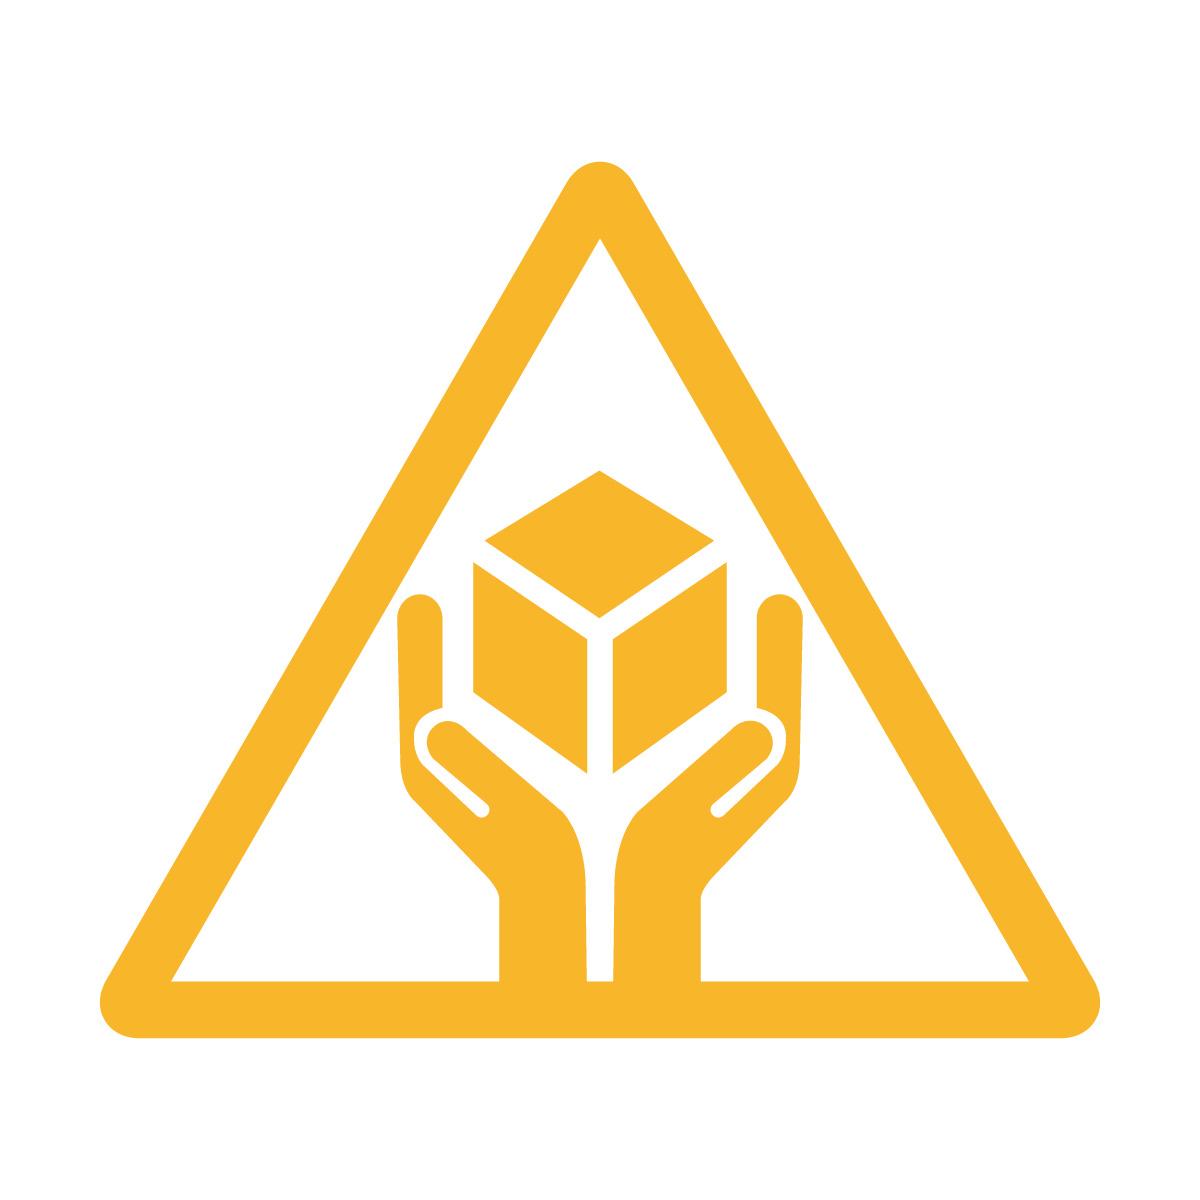 黄色の商品 配送 取扱い注意 シール ステッカー カッティングステッカー (矢印付き) 光沢タイプ・防水 耐水・屋外耐候3~4年